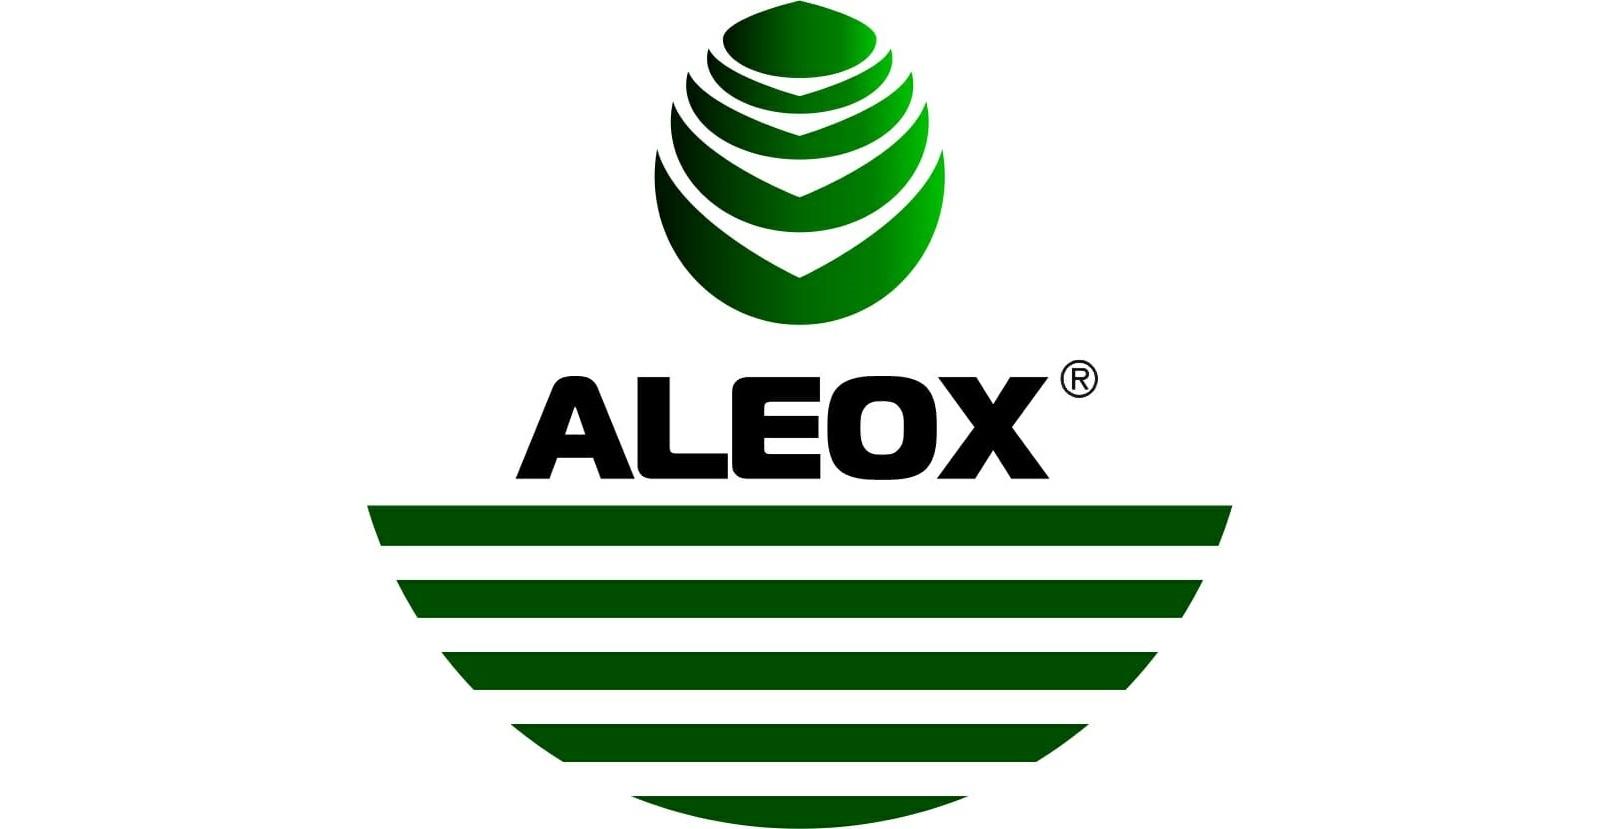 Aleox